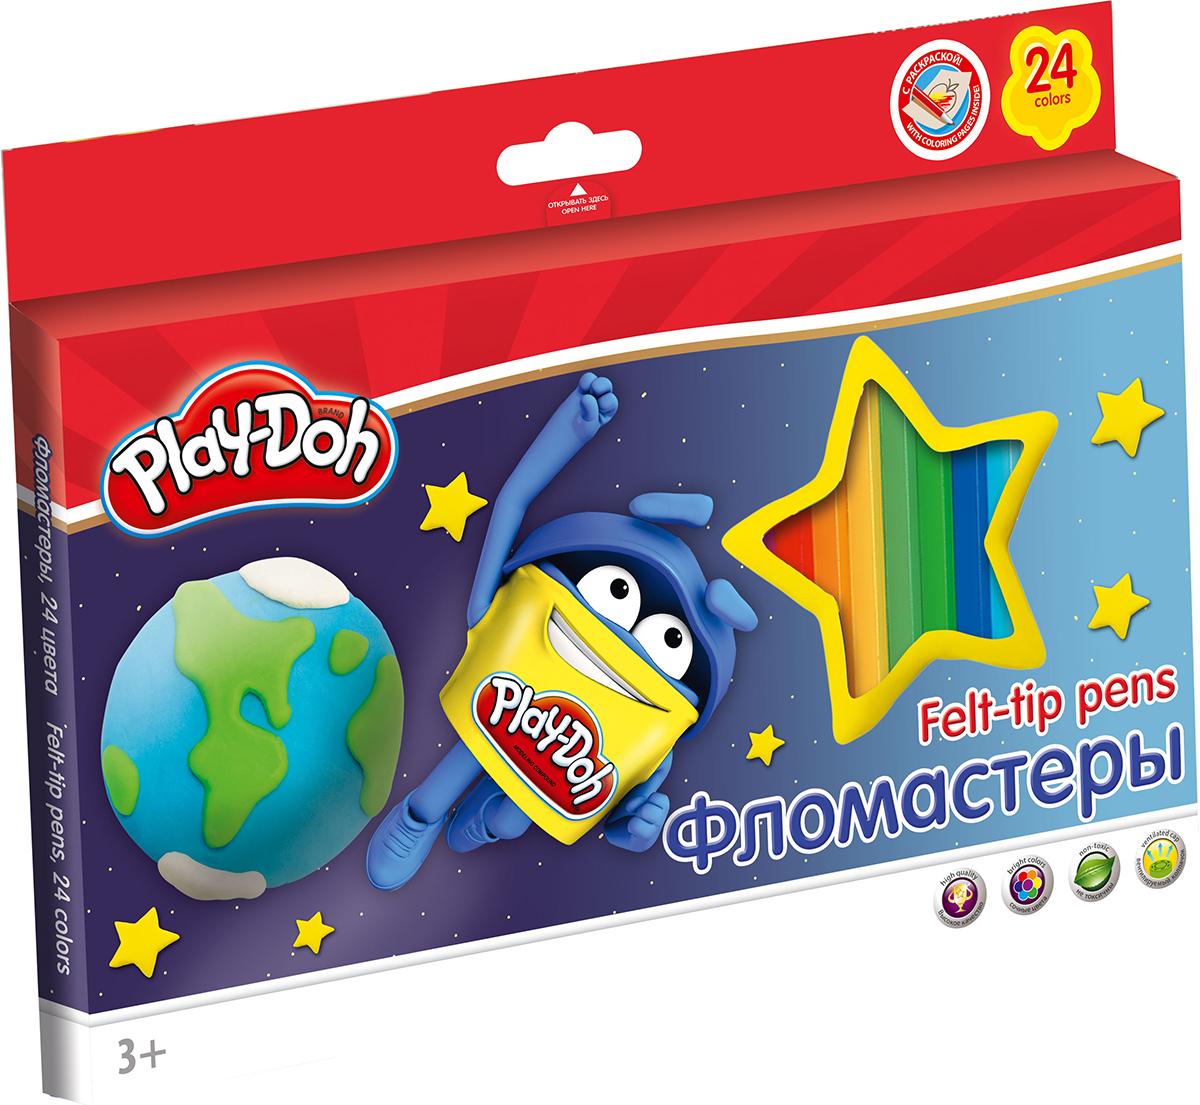 Play-Doh Набор фломастеров 24 цветаPDCP-US1-8MB-24Набор фломастеров Play-Doh, предназначенный для художественно-оформительских работ, обязательно порадует юных художников и поможет создать яркие и неповторимые картинки. Корпус фломастеров изготовлен из высококачественного нетоксичного пластика, а вентилируемый колпачок увеличивает срок службы чернил и предотвращает их преждевременное высыхание.А благодаря нейлоновому стержню, увеличенному содержанию чернил и улучшенному пишущему узлу фломастеры прослужат еще дольше! Набор включает в себя 24 фломастера ярких насыщенных цветов, а также небольшую картинку-раскраску.